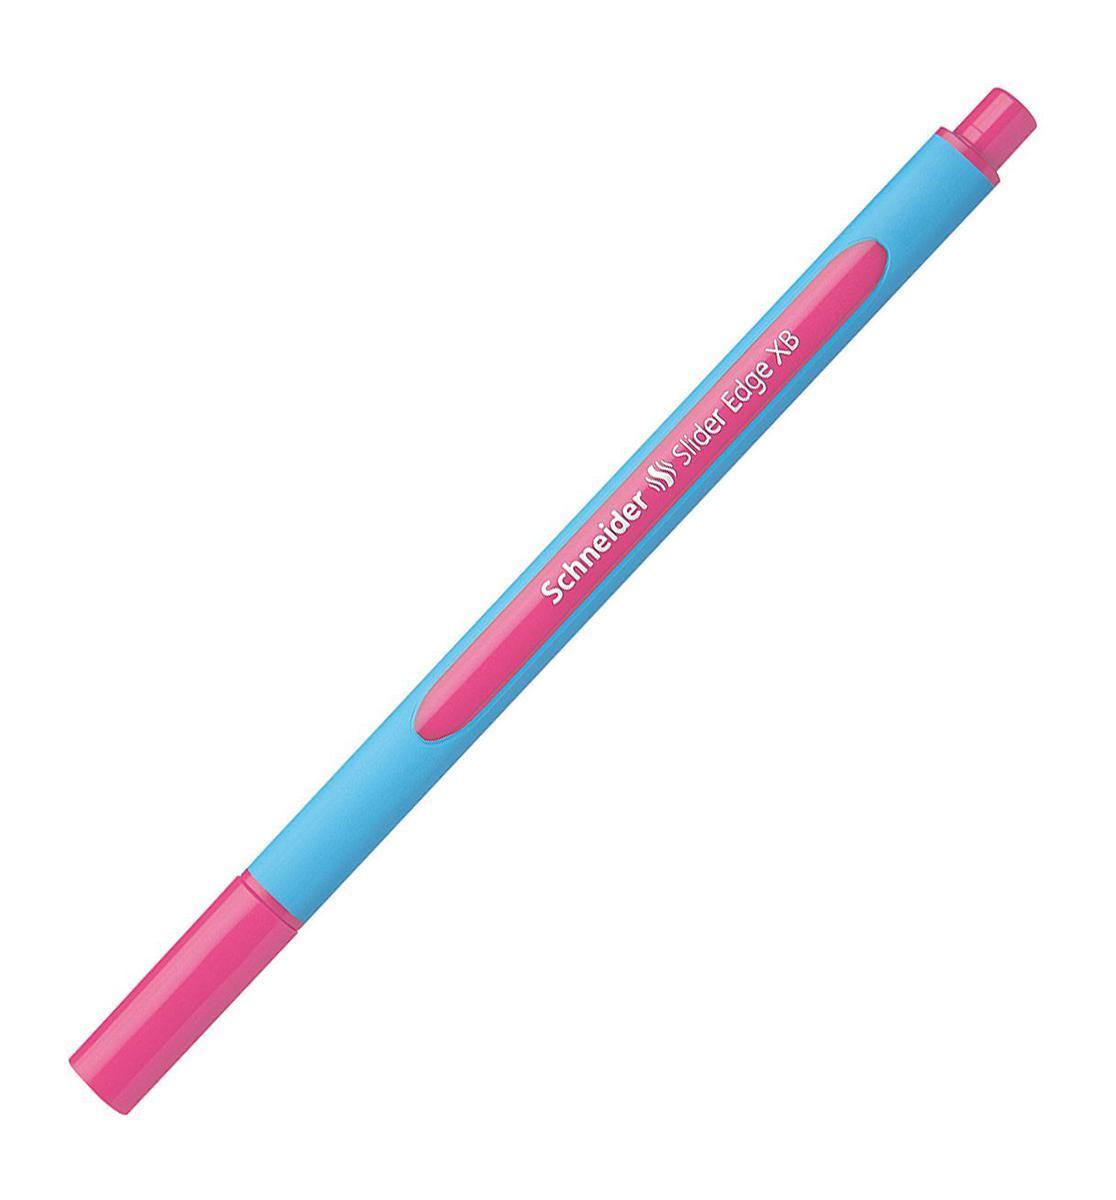 Ручка шариковая Slider Edge, XB - 1,0 мм, розовый цвет чернил.S152209 S1522-01/9